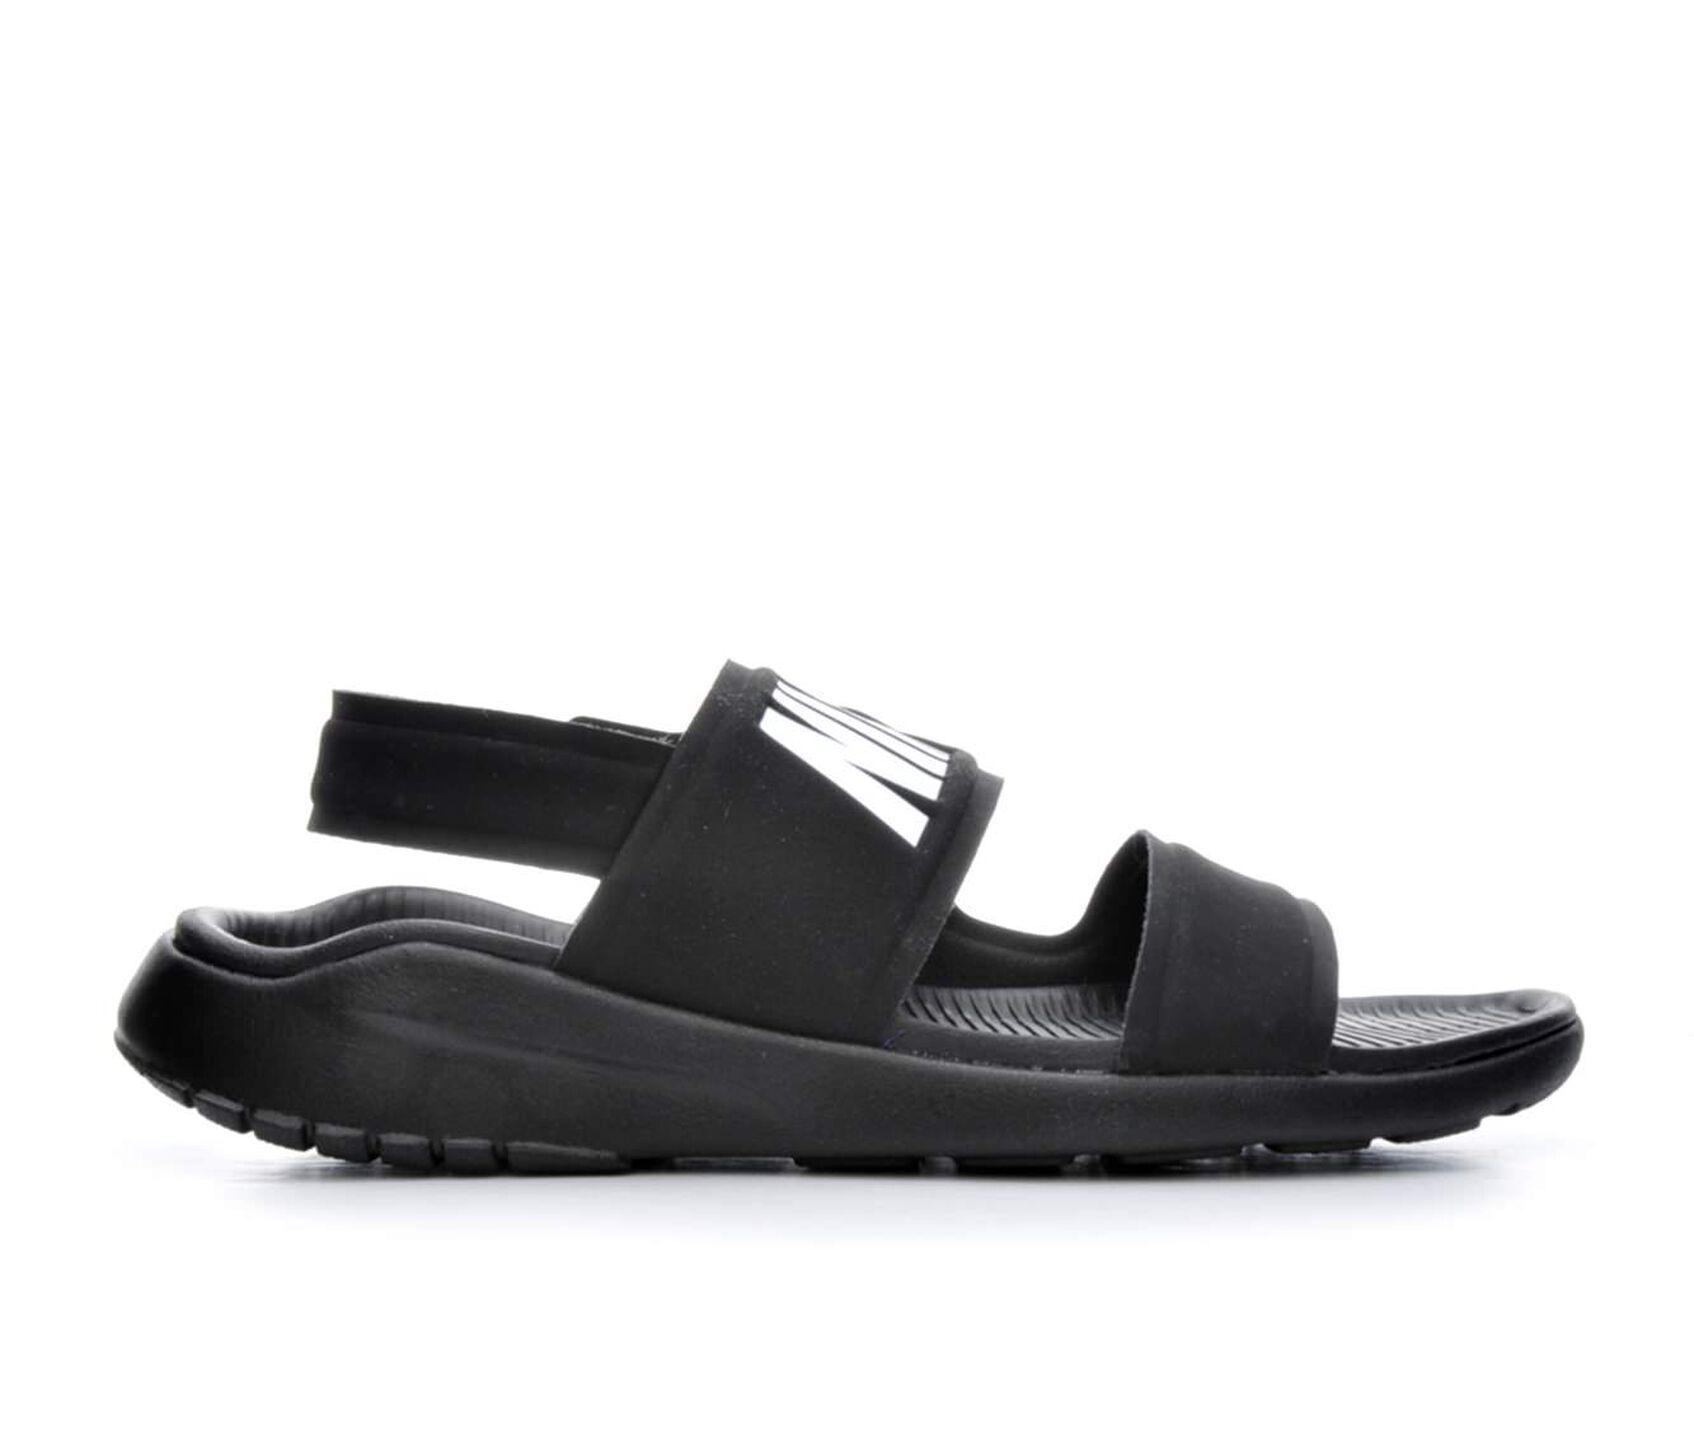 819079a4e0b ... Nike Tanjun Sandal Sport Sandals. Previous